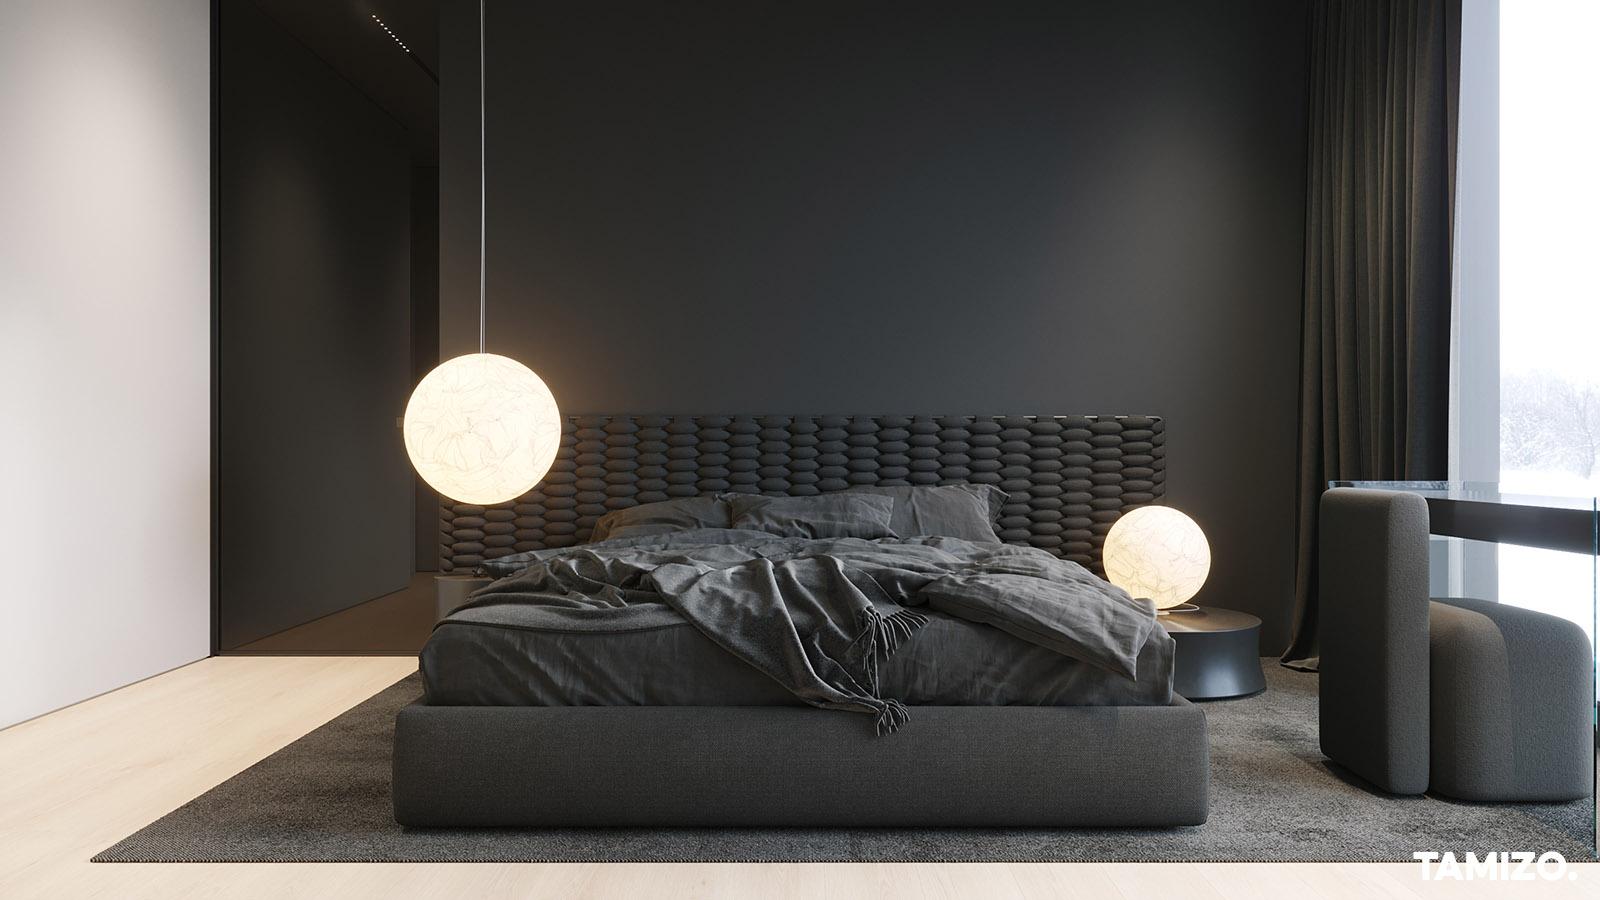 I089_tamizo_architects_projekt-wnetrz-interior-design-dom-minimal-house-gorzow-wielkopolski-14